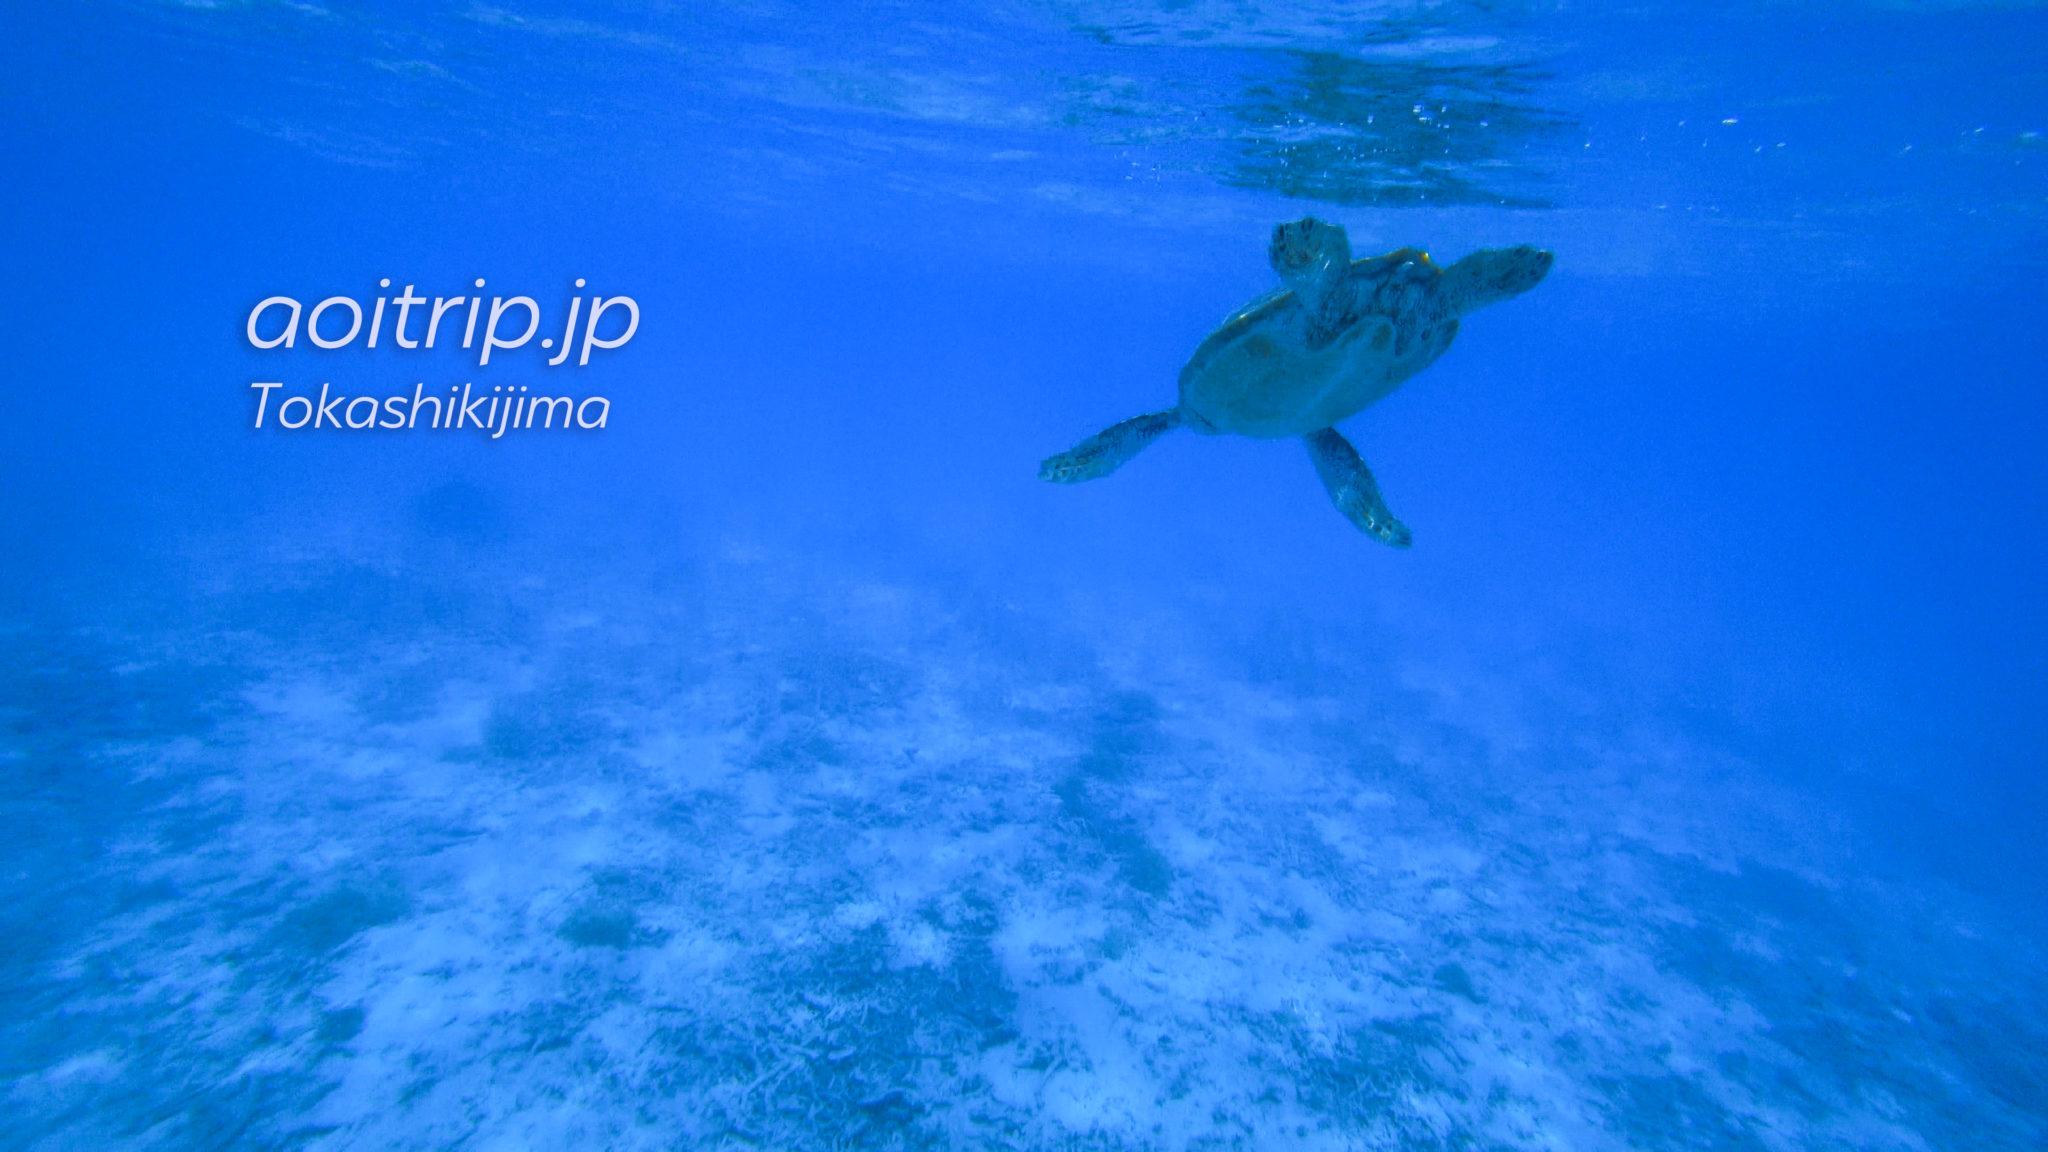 慶良間諸島・渡嘉敷島 とかしくビーチのウミガメ